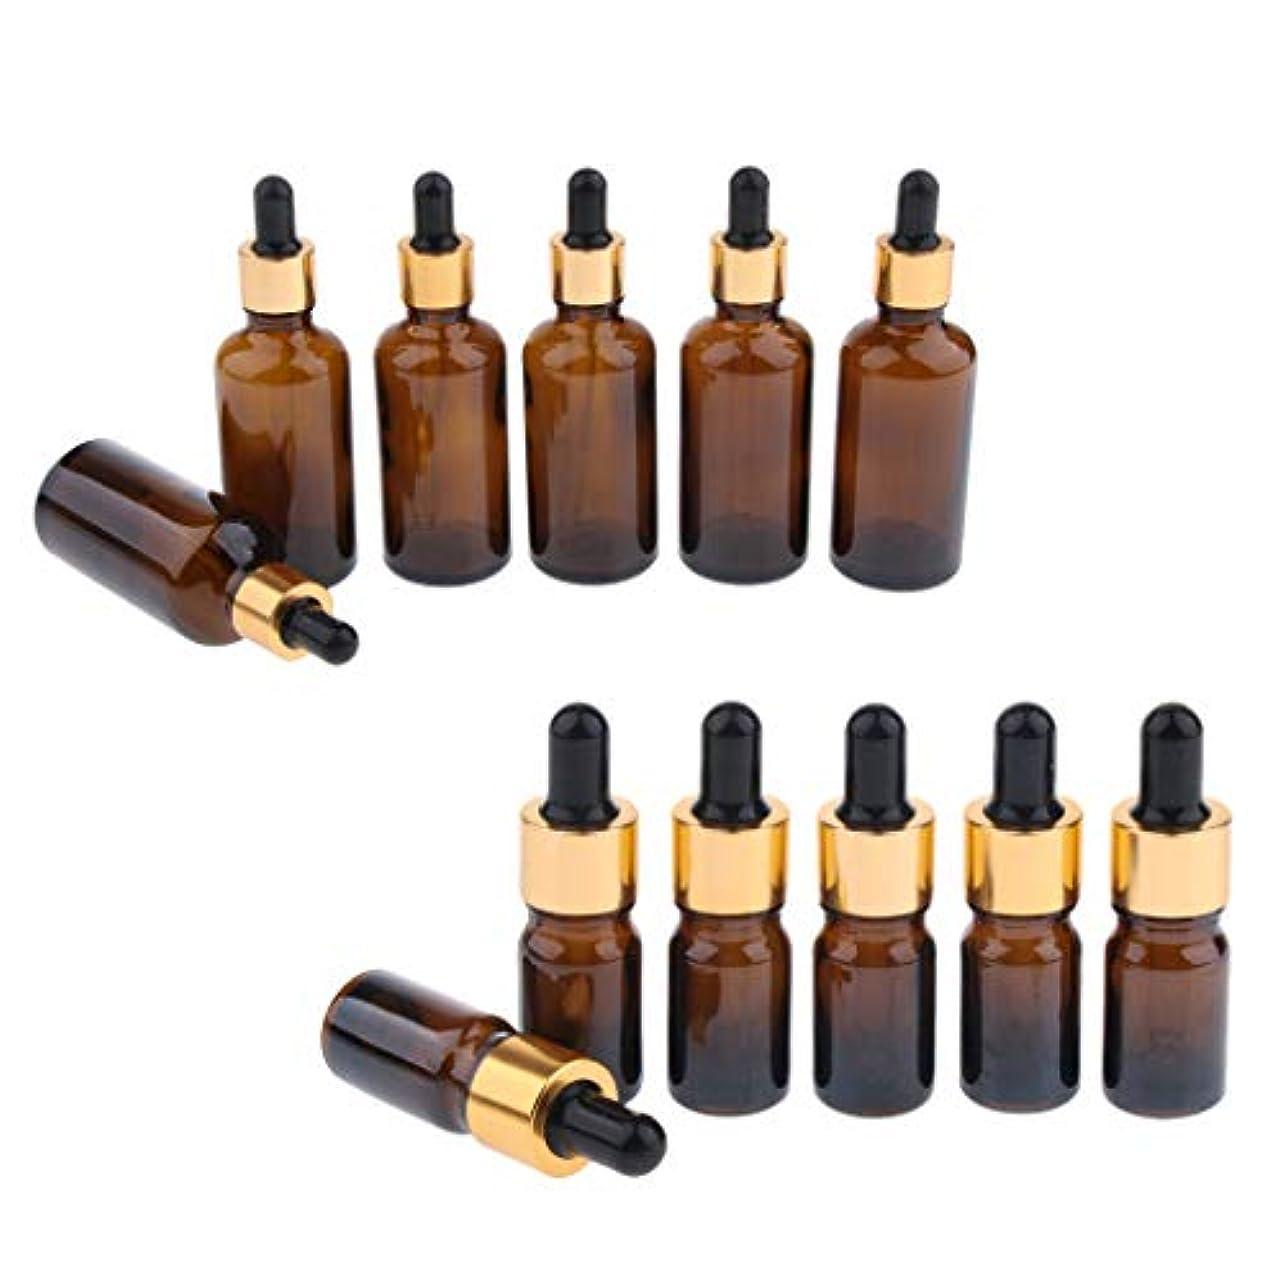 雑種燃やすピルファーアロマオイル 精油 小分け用 ドロッパーボトル エッセンシャルオイル 液体 保存 詰替え 12個入